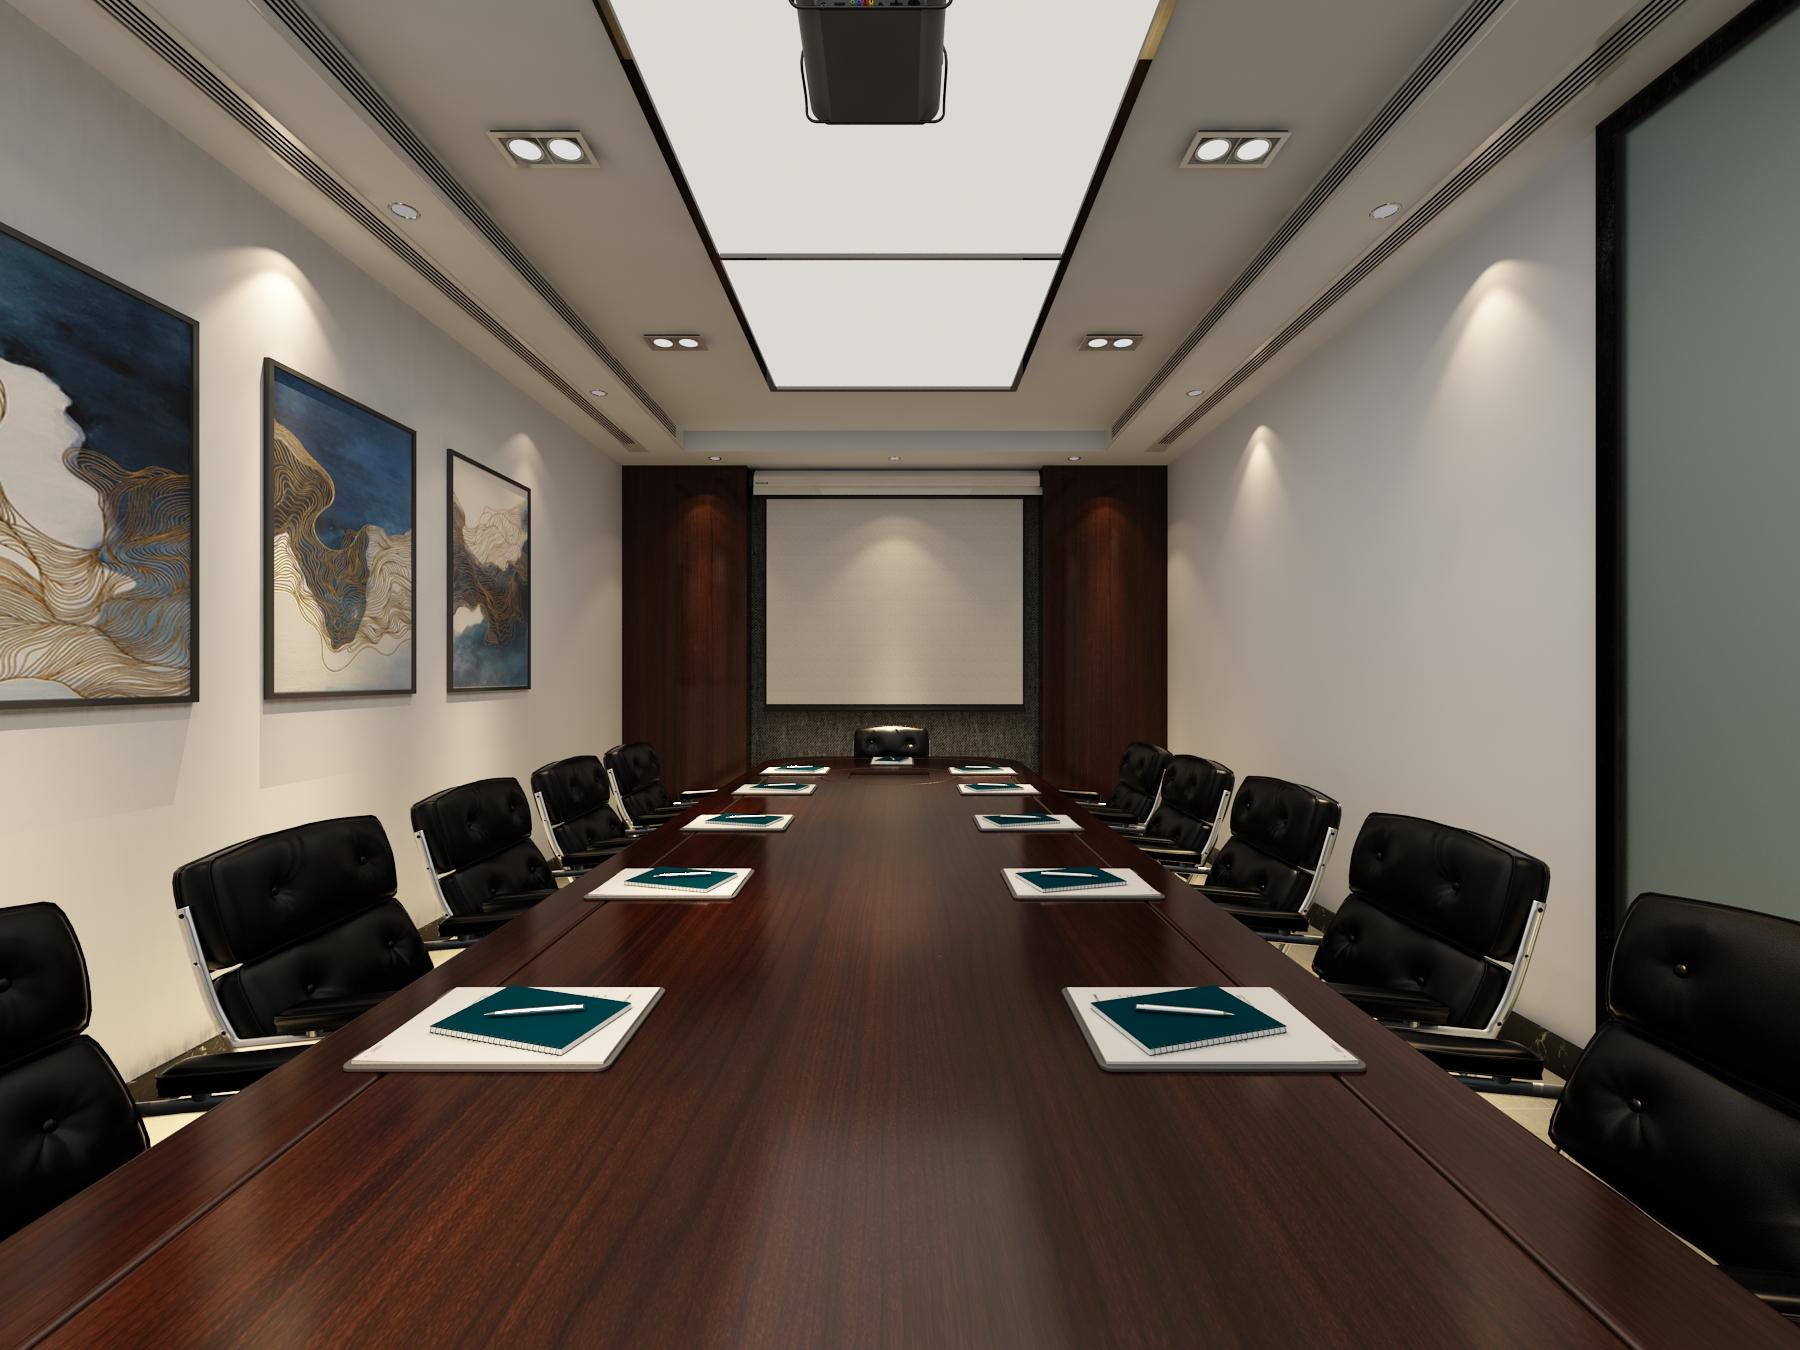 简约舒适的办公室装修会议室效果图